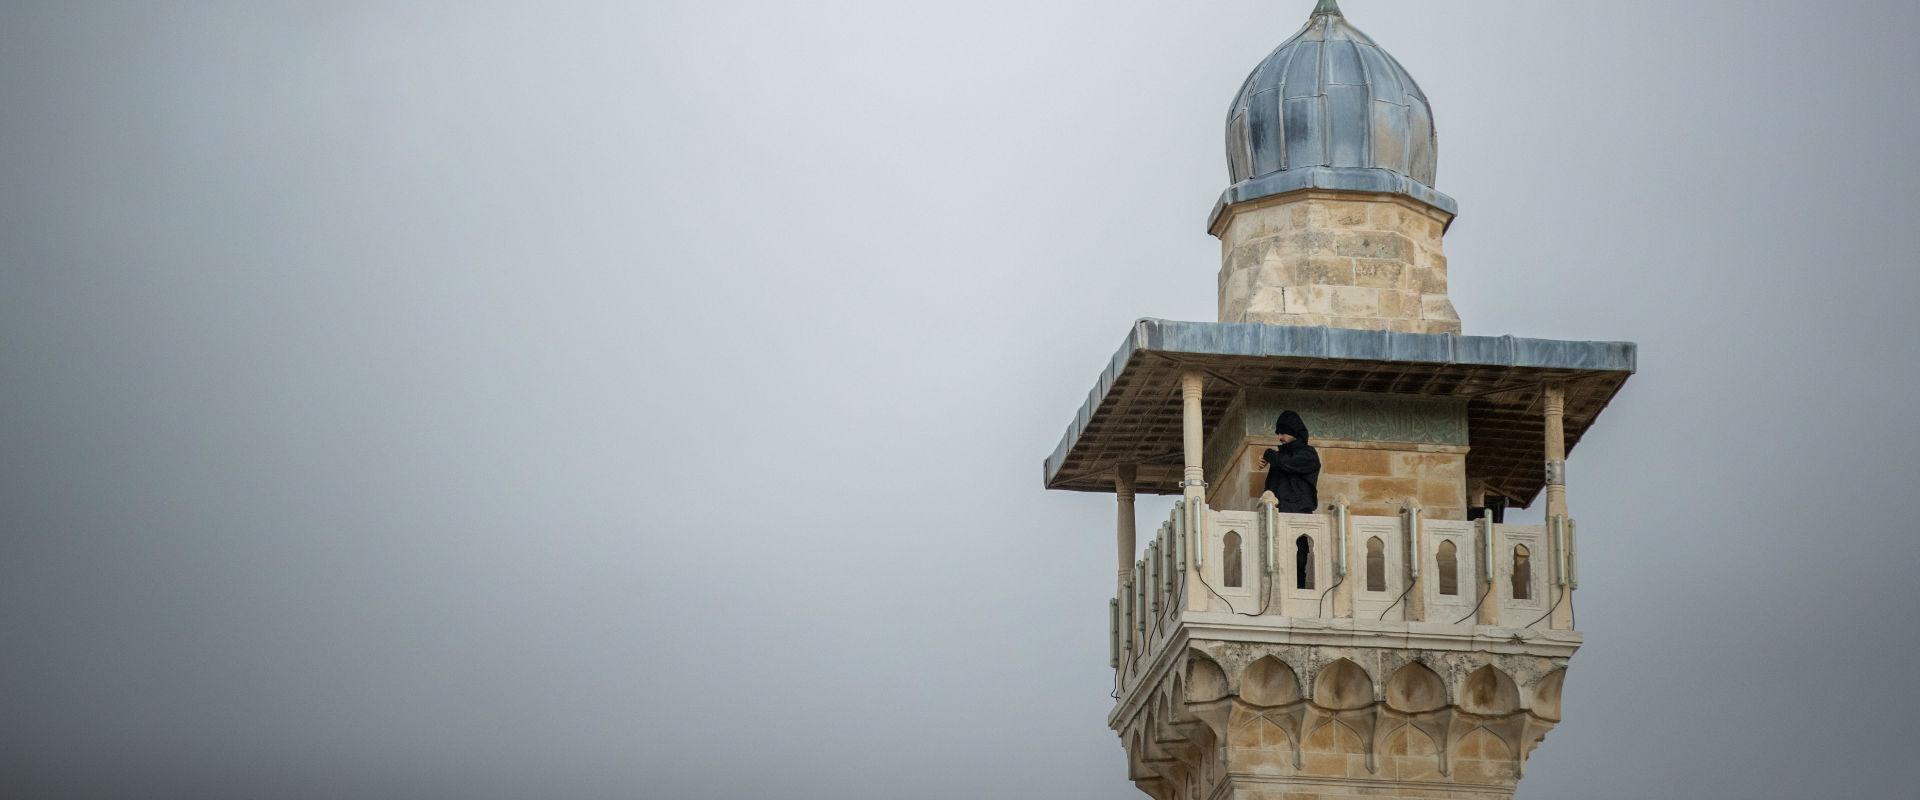 מסגד, אילוסטרציה